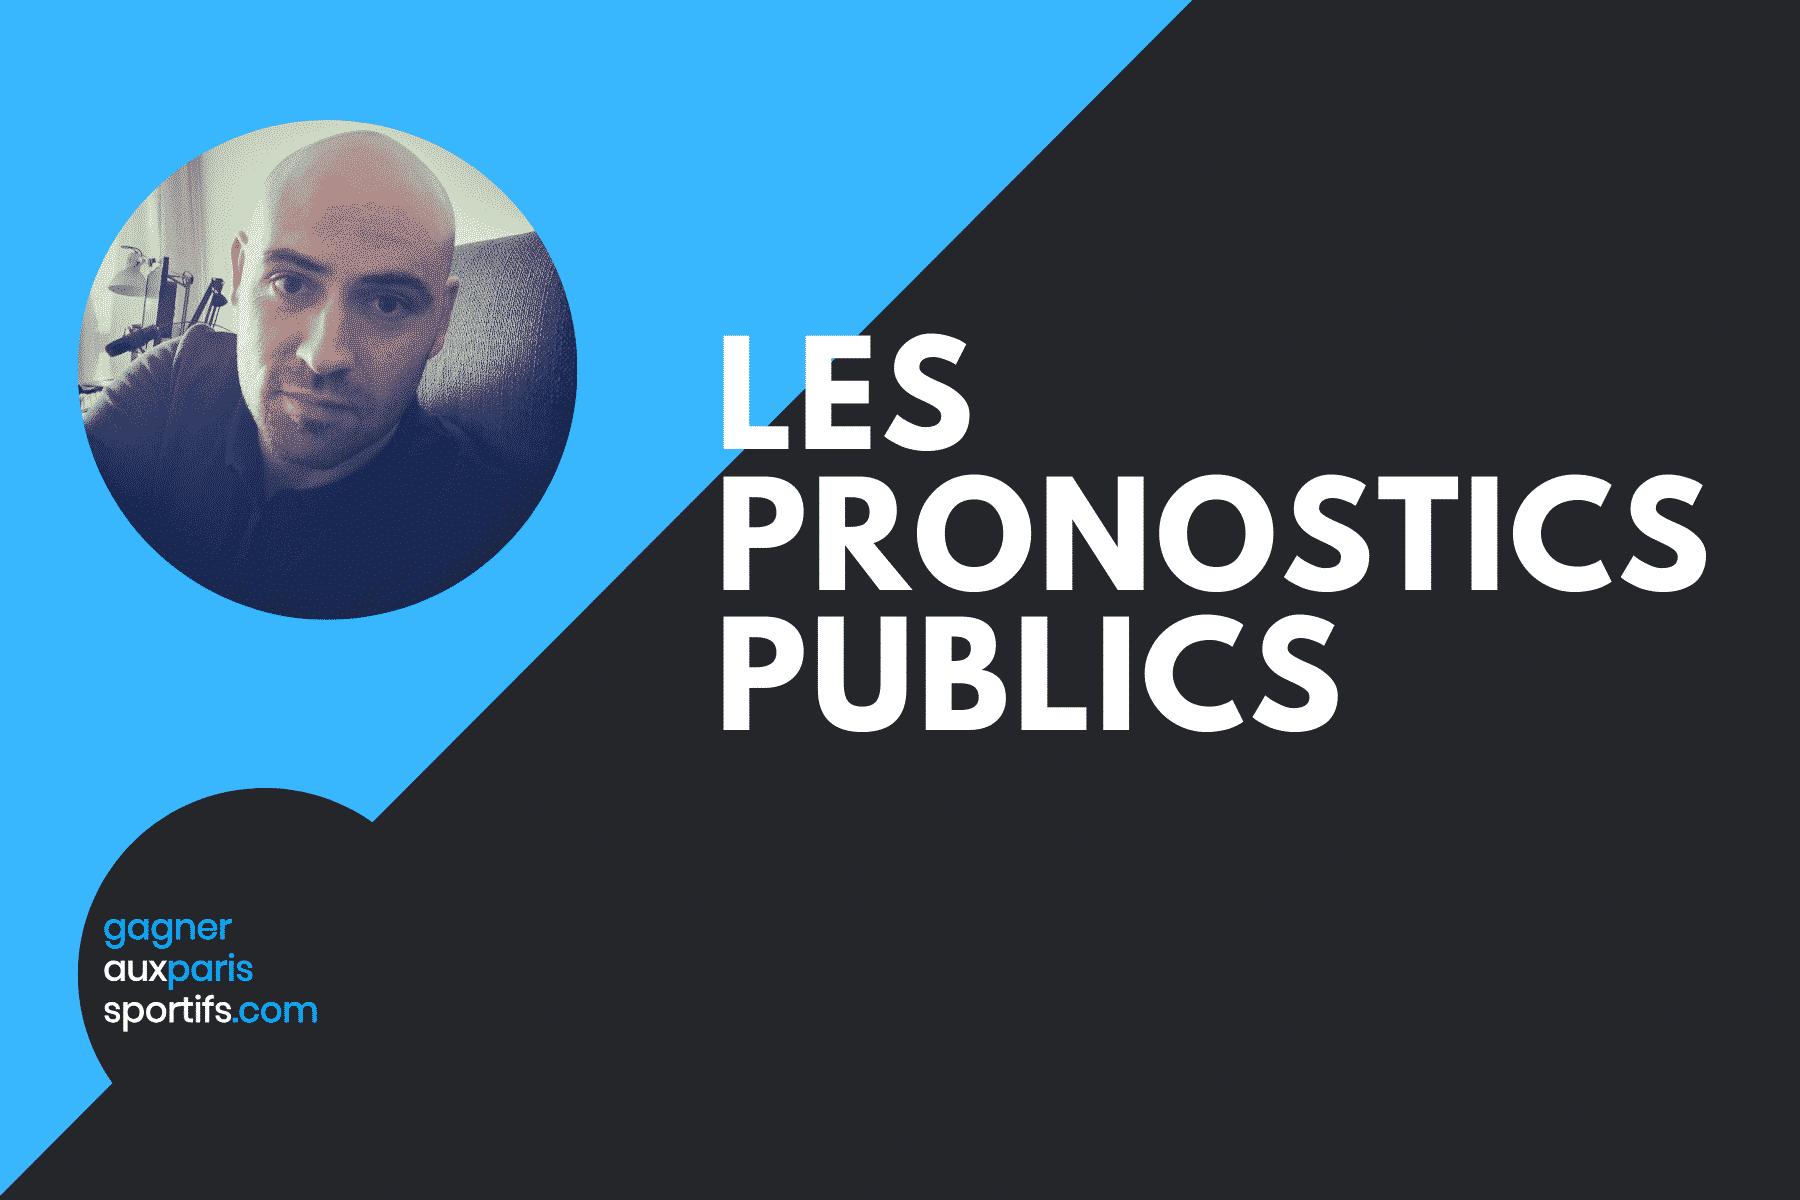 Les pronostics publics